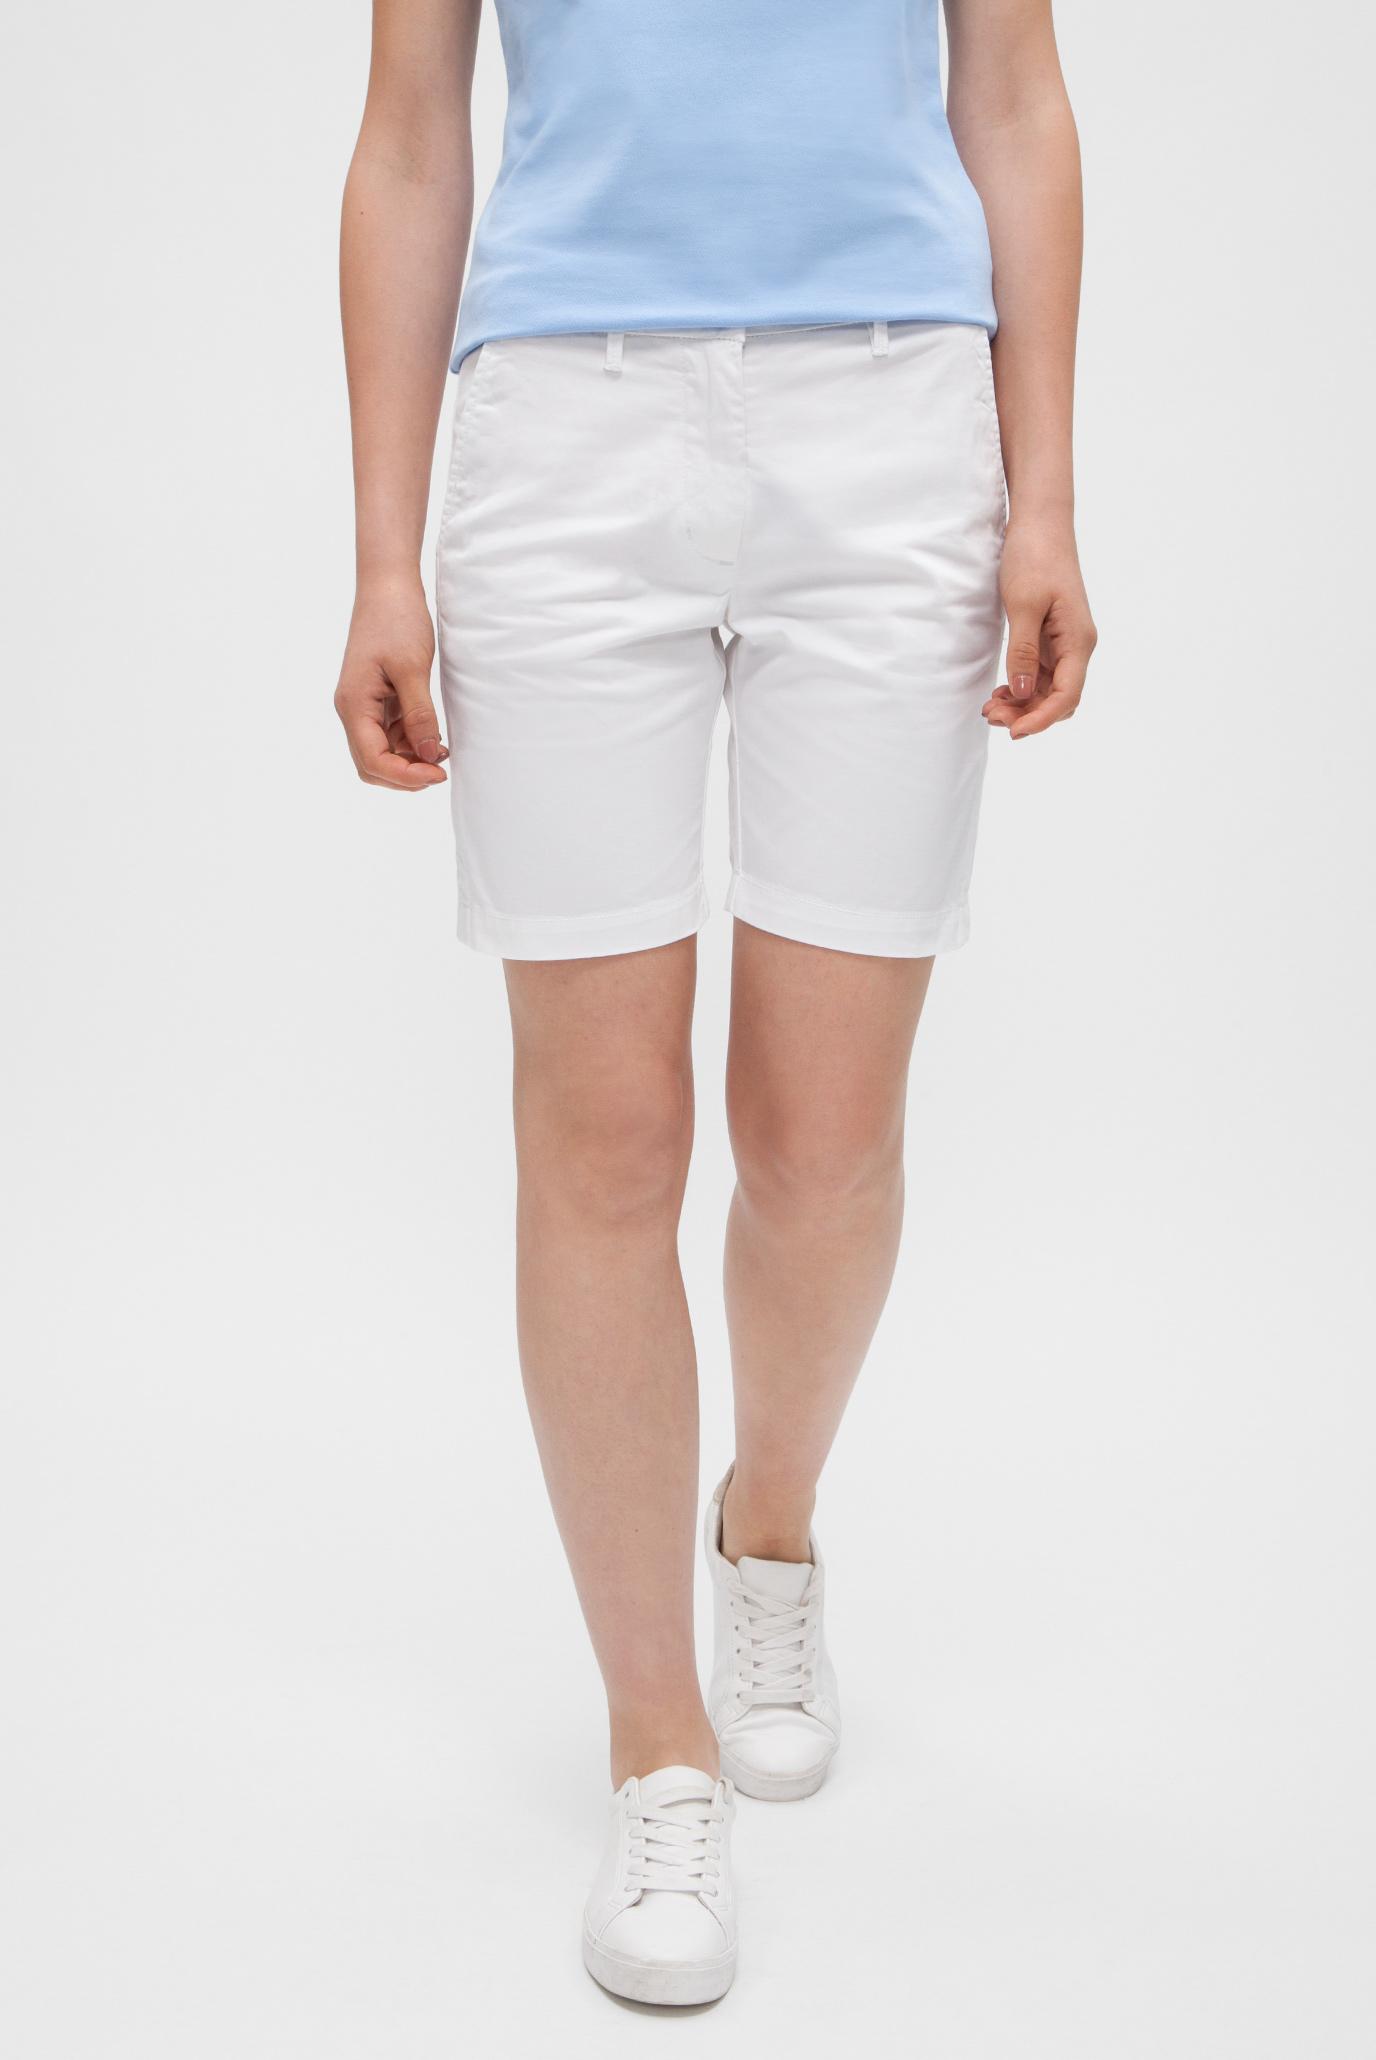 3f6387cdbca4 Купить Женские белые шорты Gant Gant 4020000 – Киев, Украина. Цены в ...